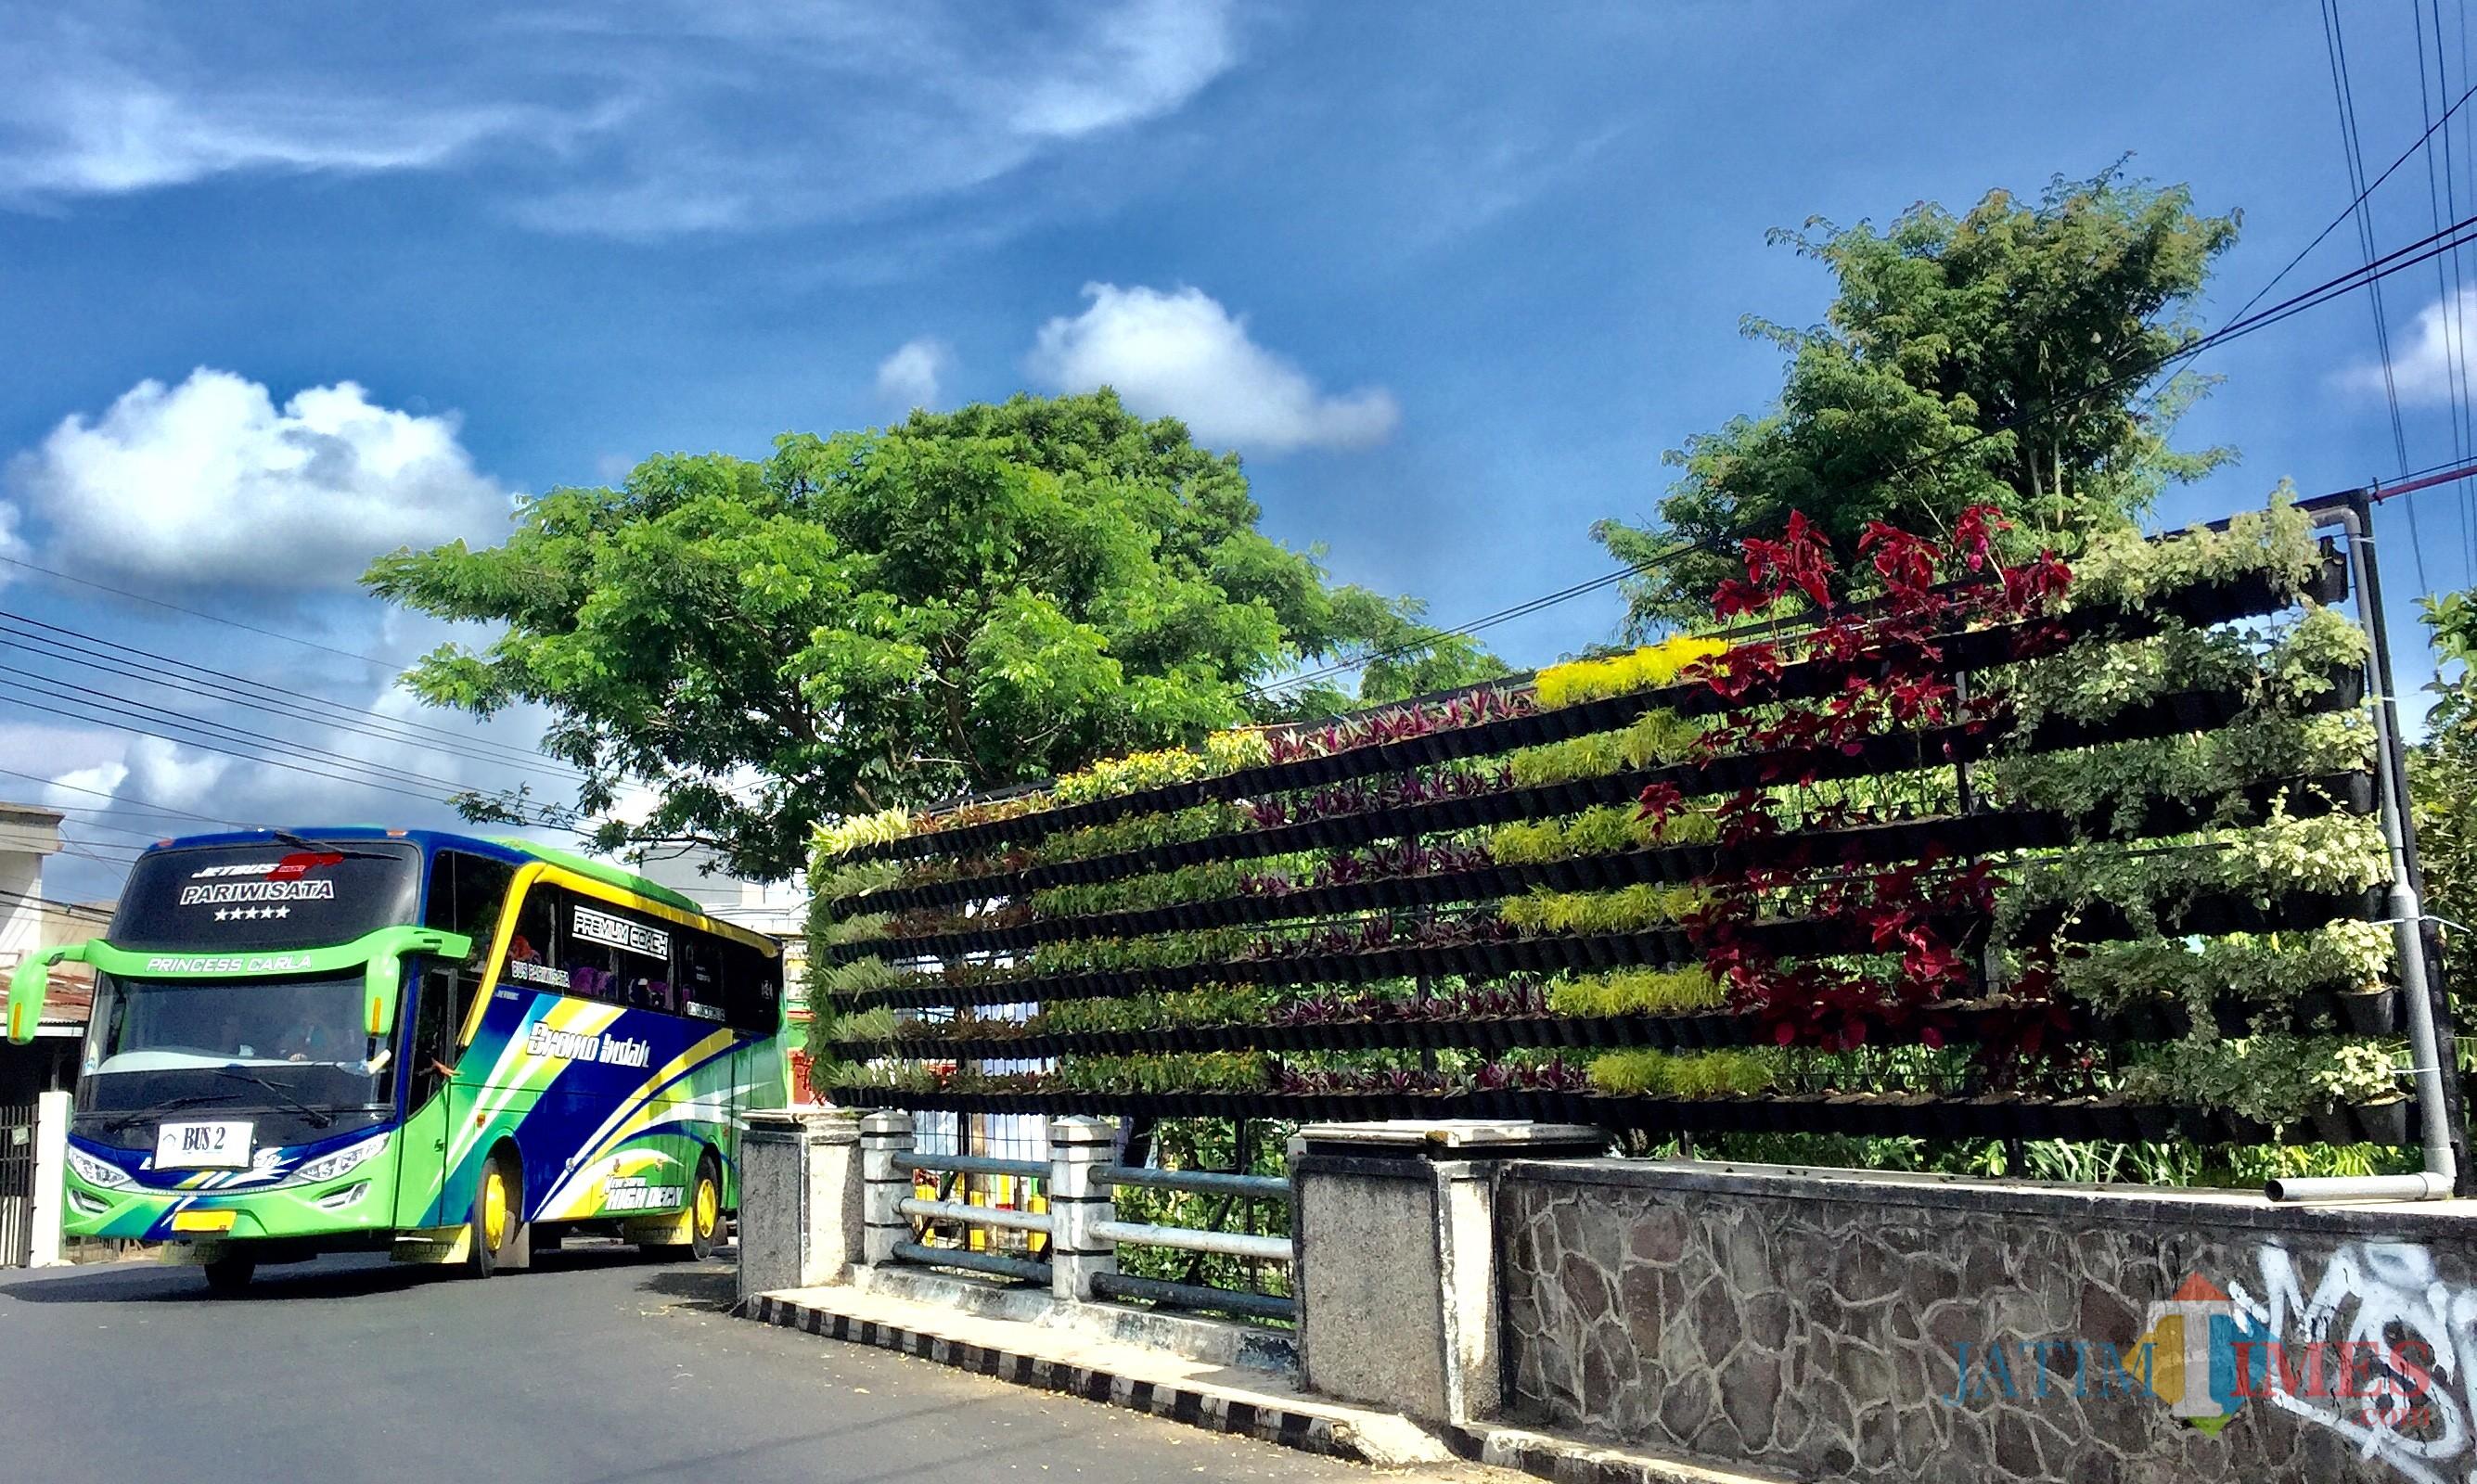 Vertikal Garden yang berada di Jl Dewi Sartika Kelurahan Temas Kecamatan Batu. (Foto: Irsya Richa/MalangTIMES)